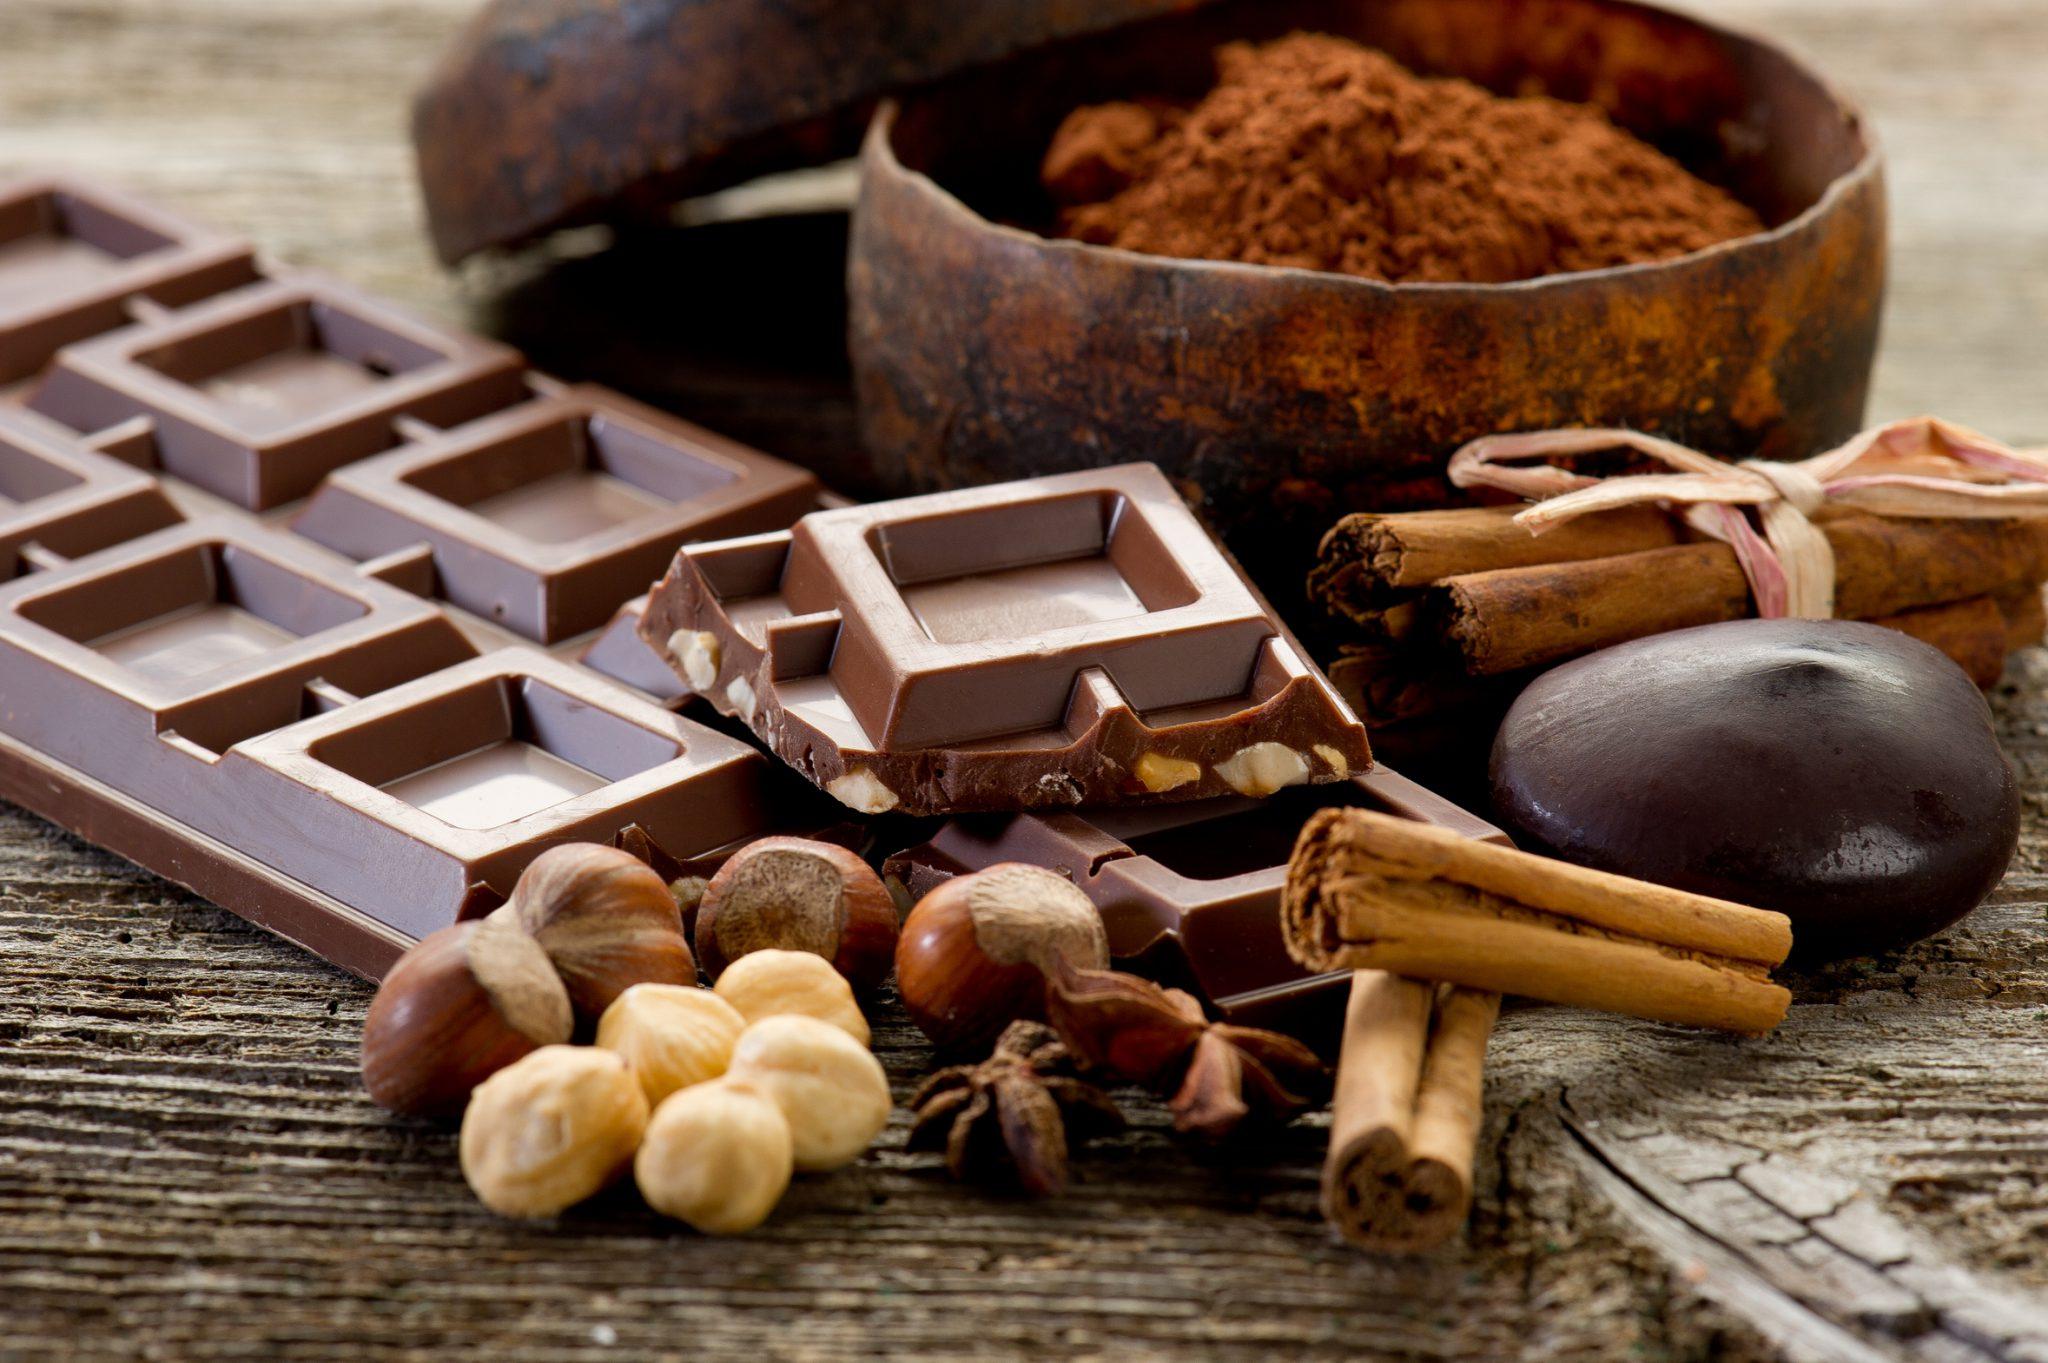 Il gusto amaro del cioccolato e il suo oscuro segreto, l'illegalità